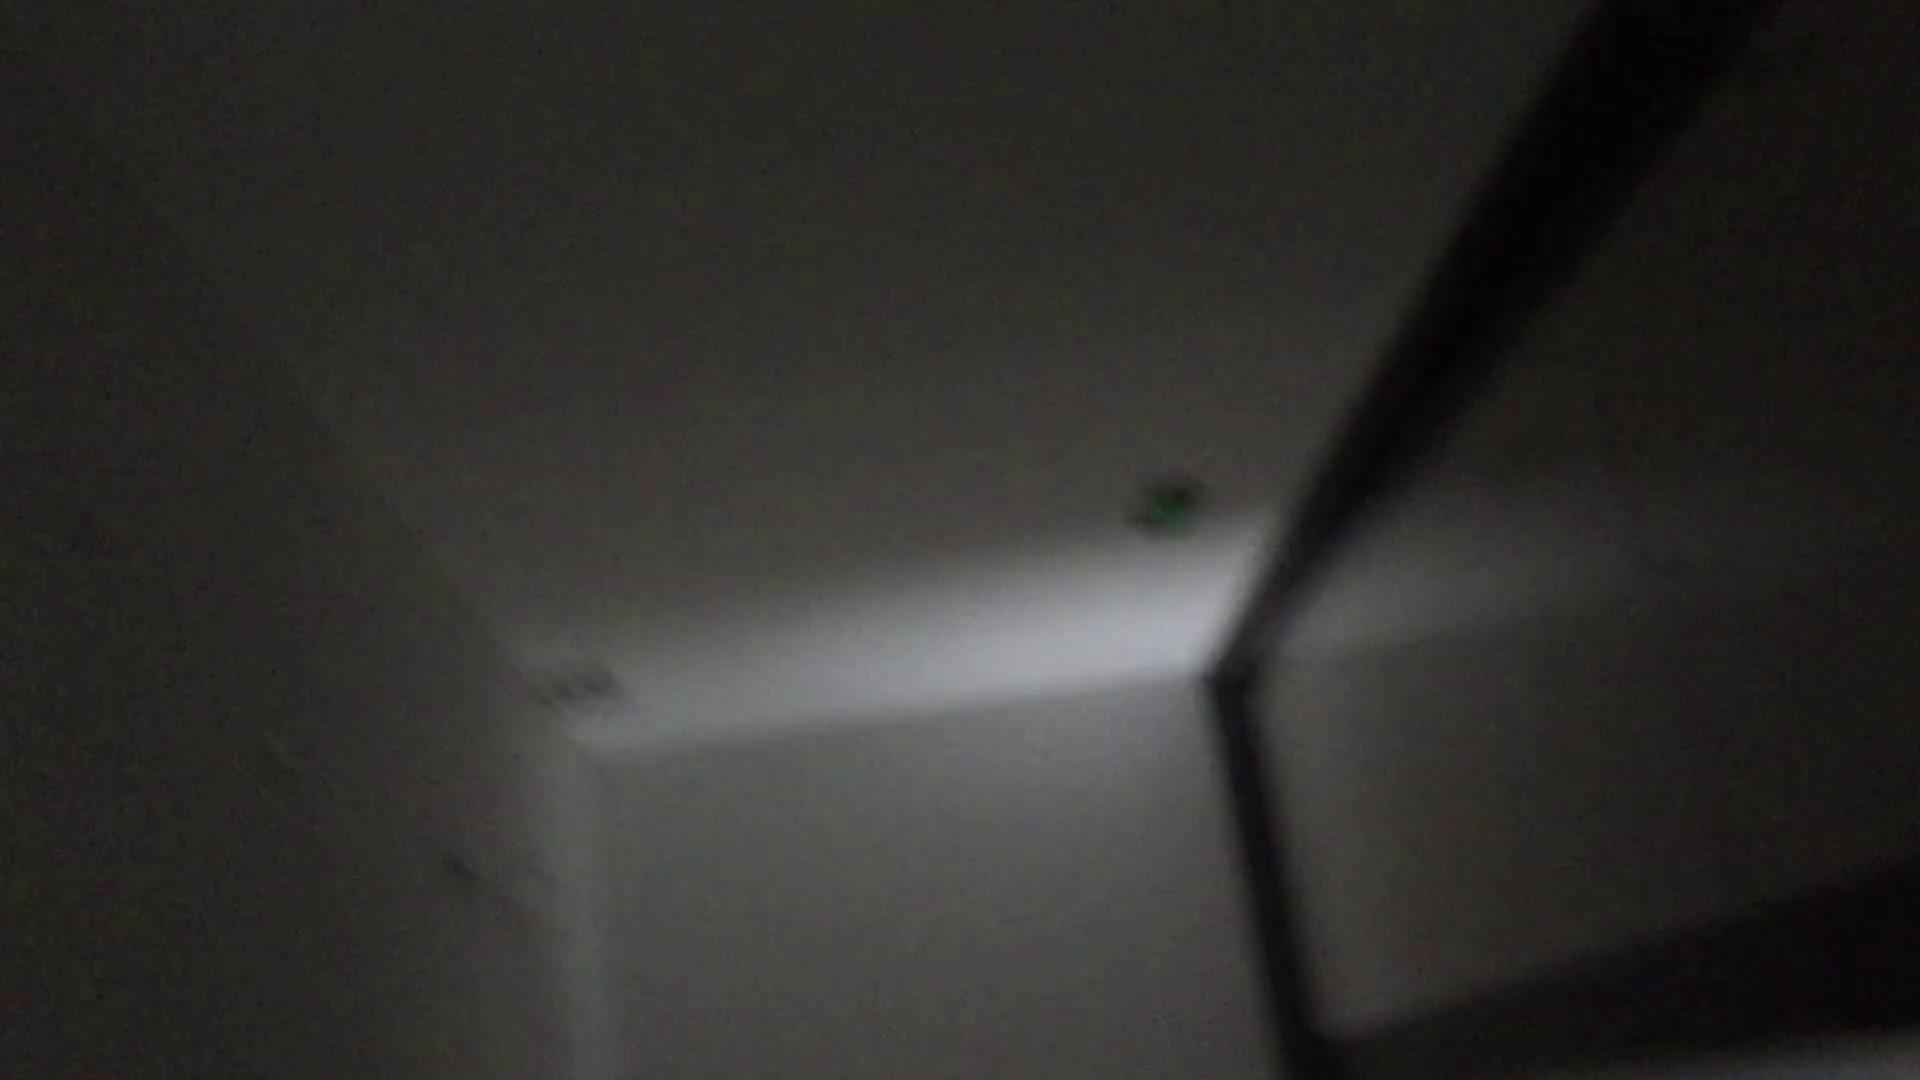 JD盗撮 美女の洗面所の秘密 Vol.74 盗撮 すけべAV動画紹介 91pic 28